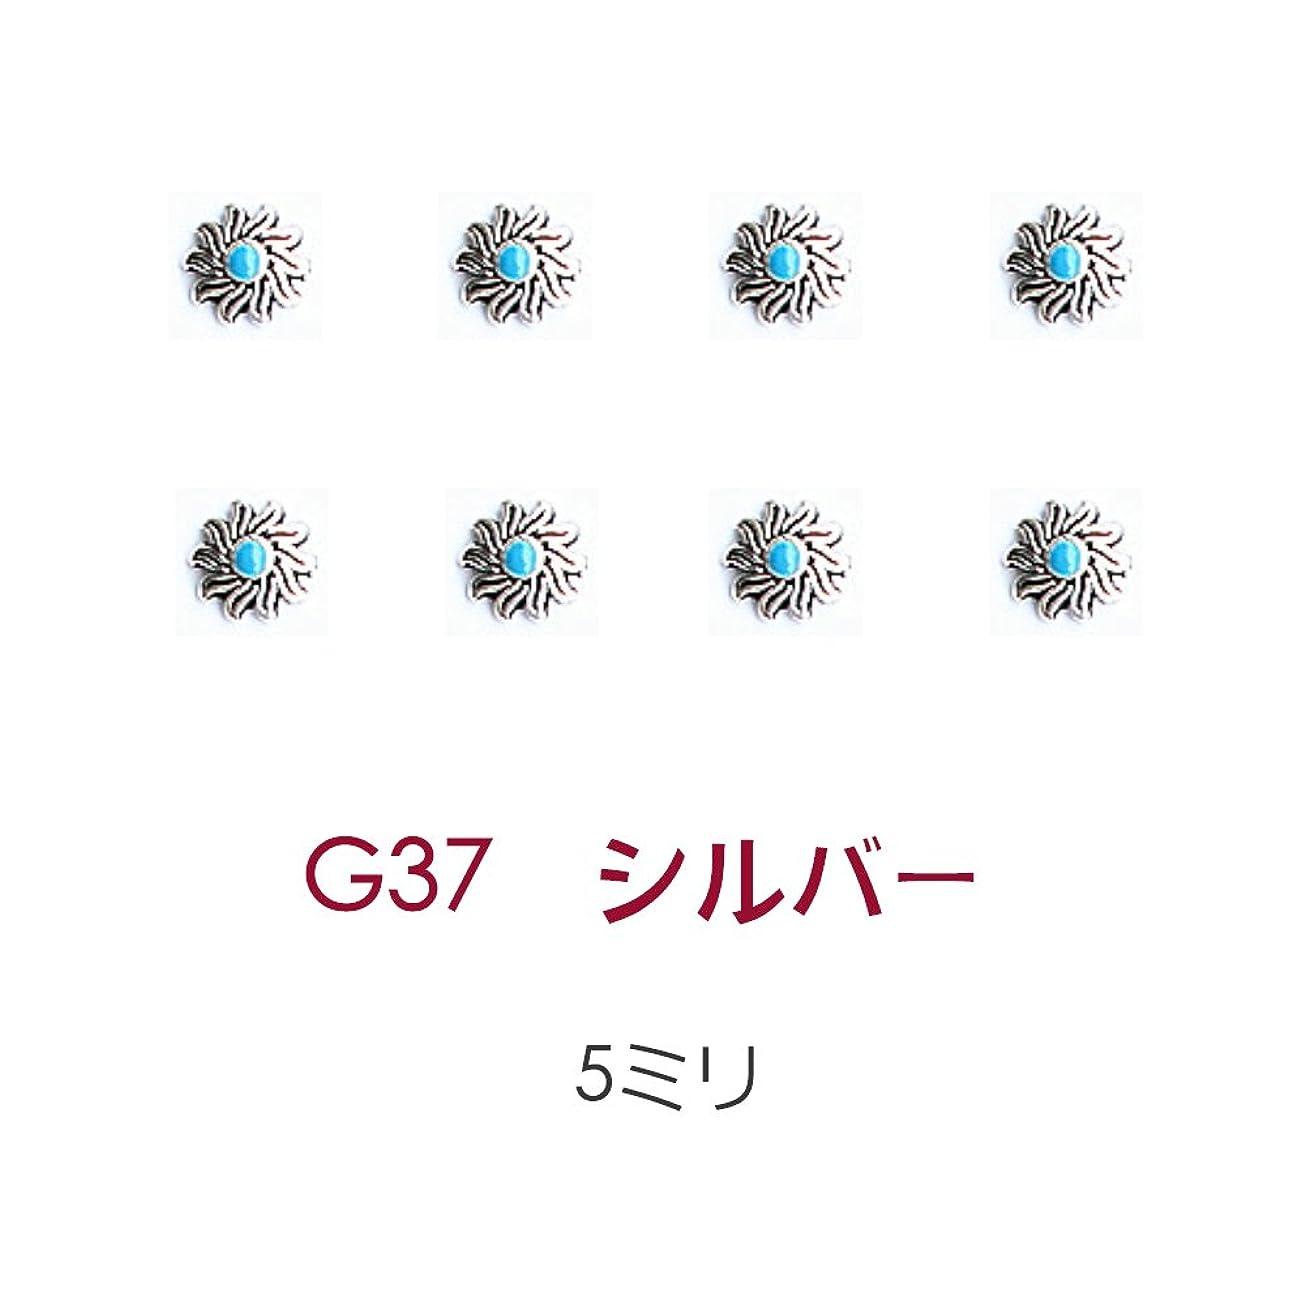 心理的不運熟達G37(5ミリ) シルバー 8個入り メタルパーツ コンチョ ターコイズ風 ゴールド シルバー ネイルパーツ スタッズ ネイル用品 GOLD SILVER アートパーツ アートパーツ デコ素材